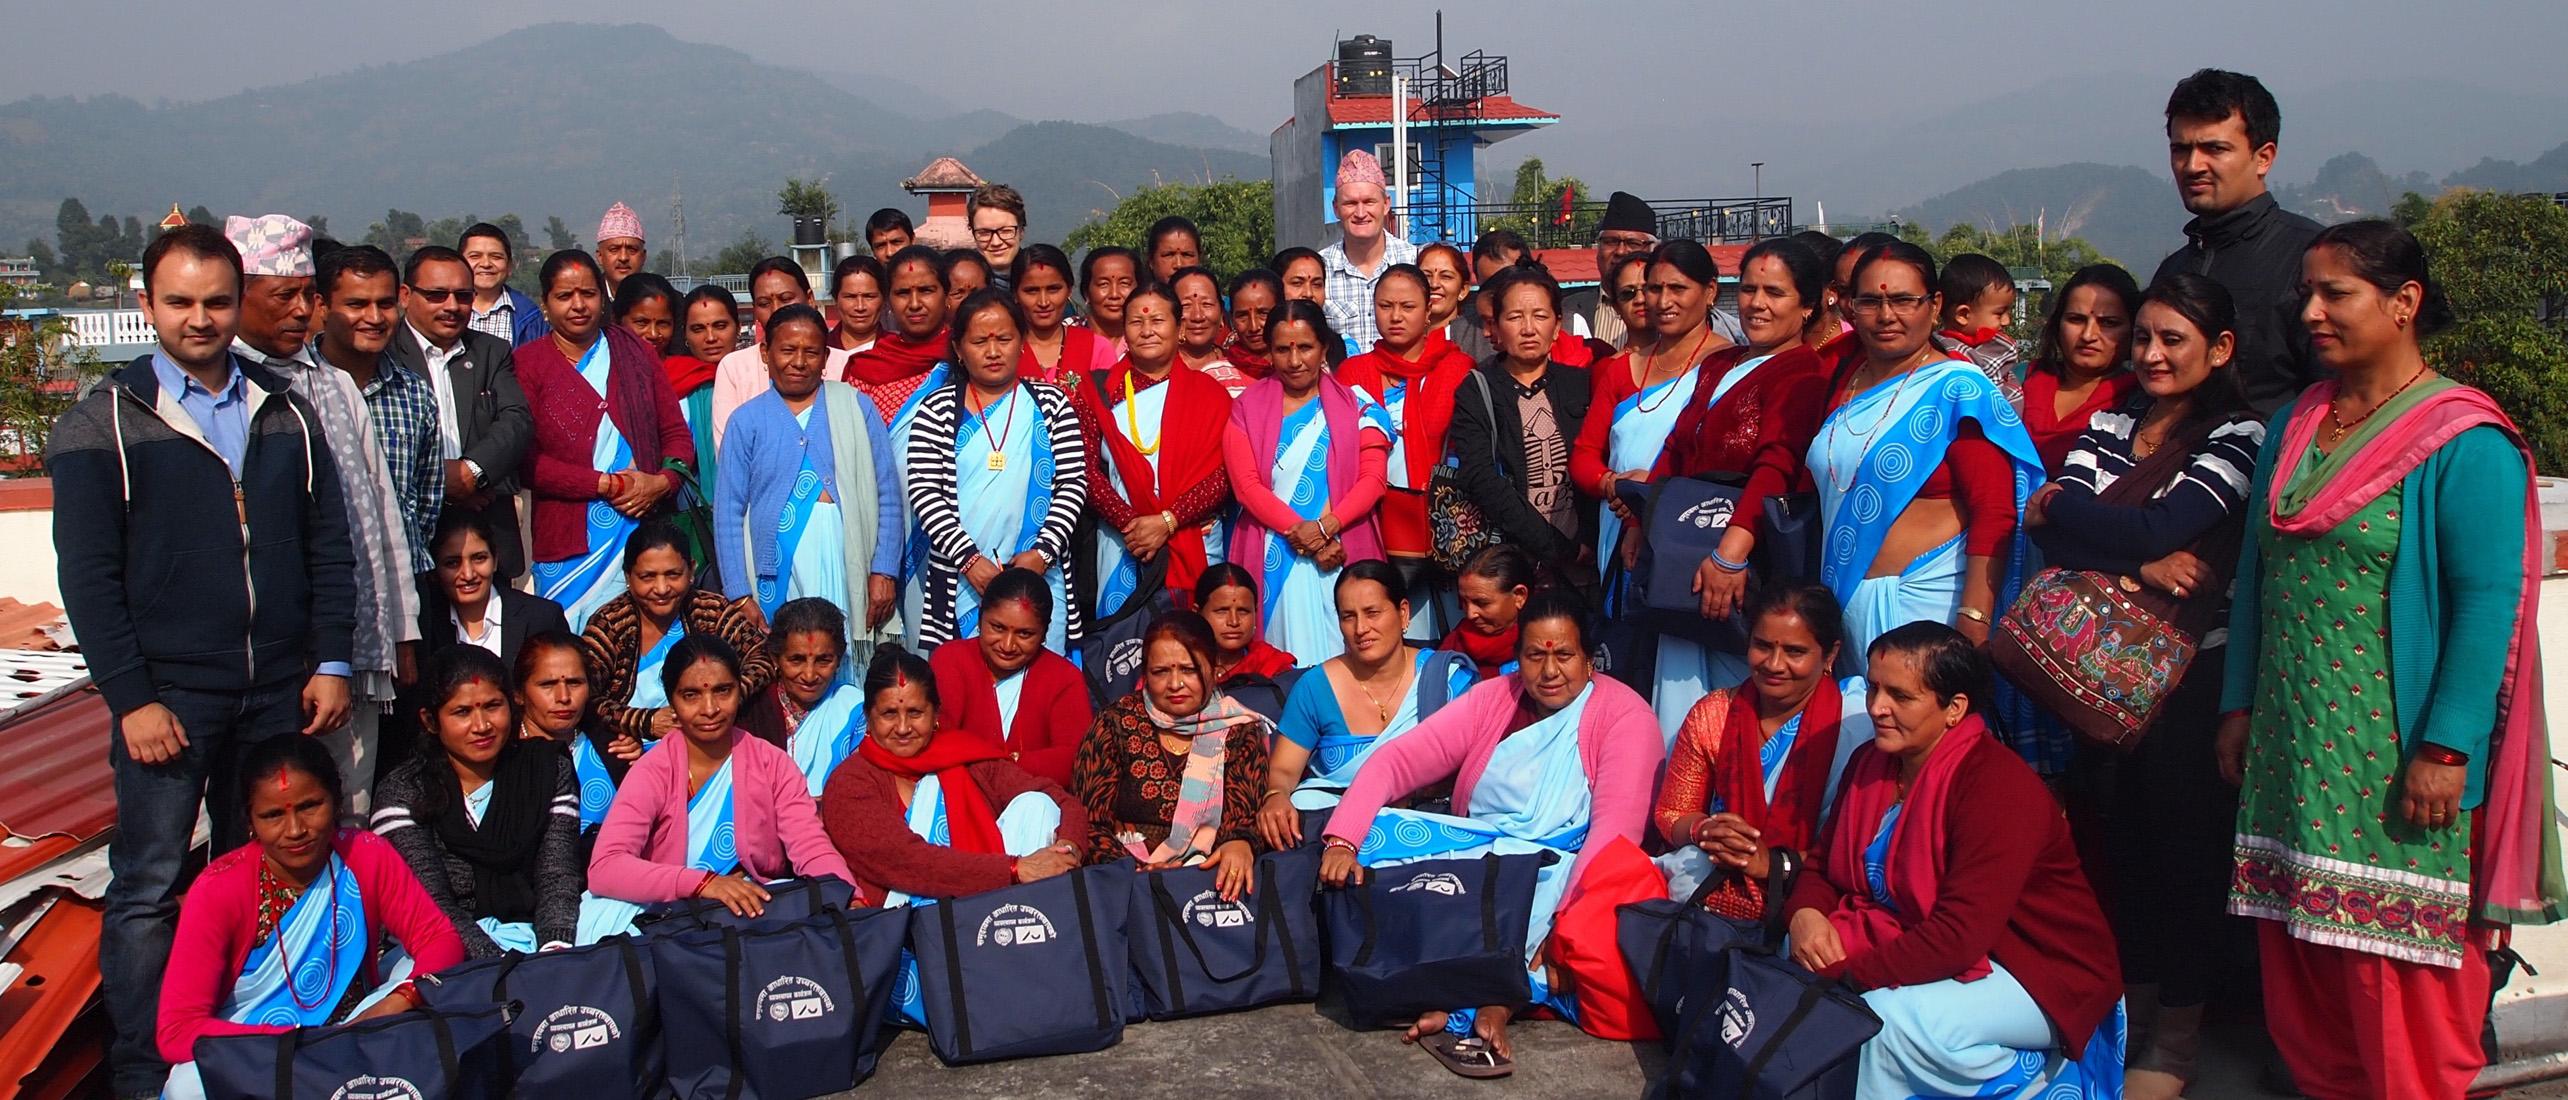 Female community health volunteers of Nepal.